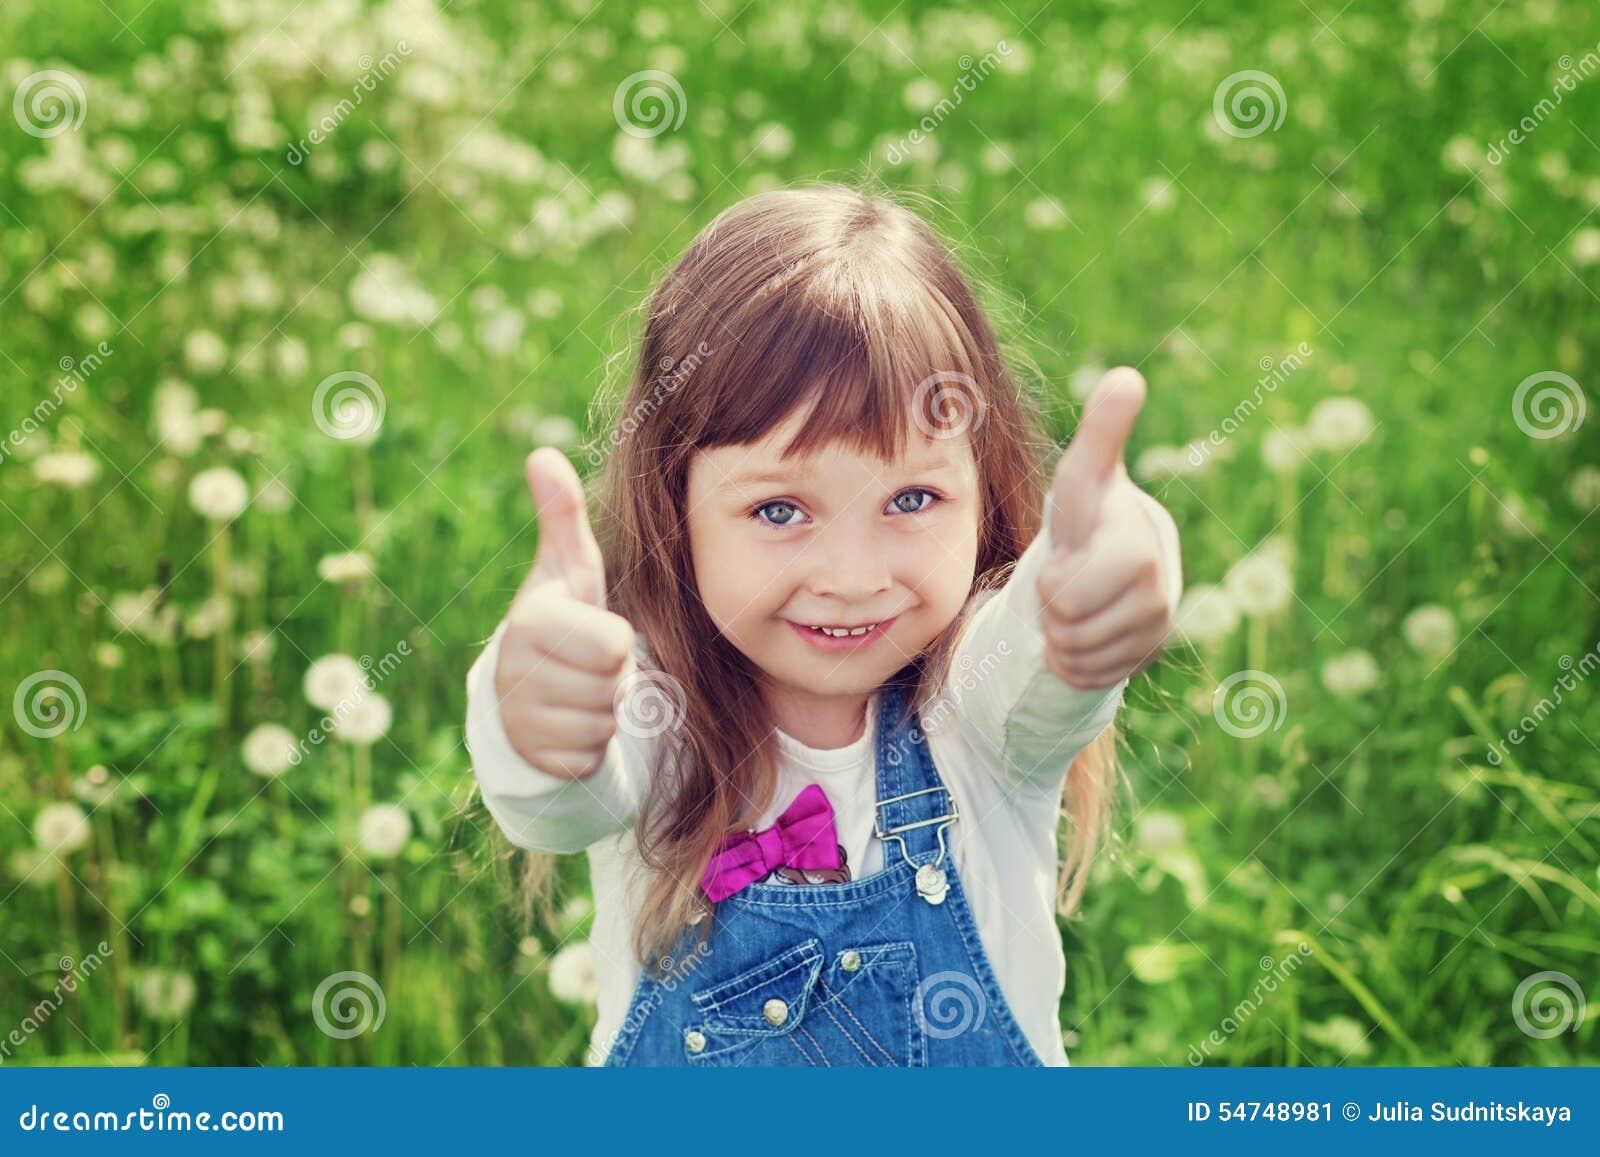 Портрет милой маленькой девочки с большими пальцами руки вверх показывает класс на луге цветка, счастливую концепцию детства, реб